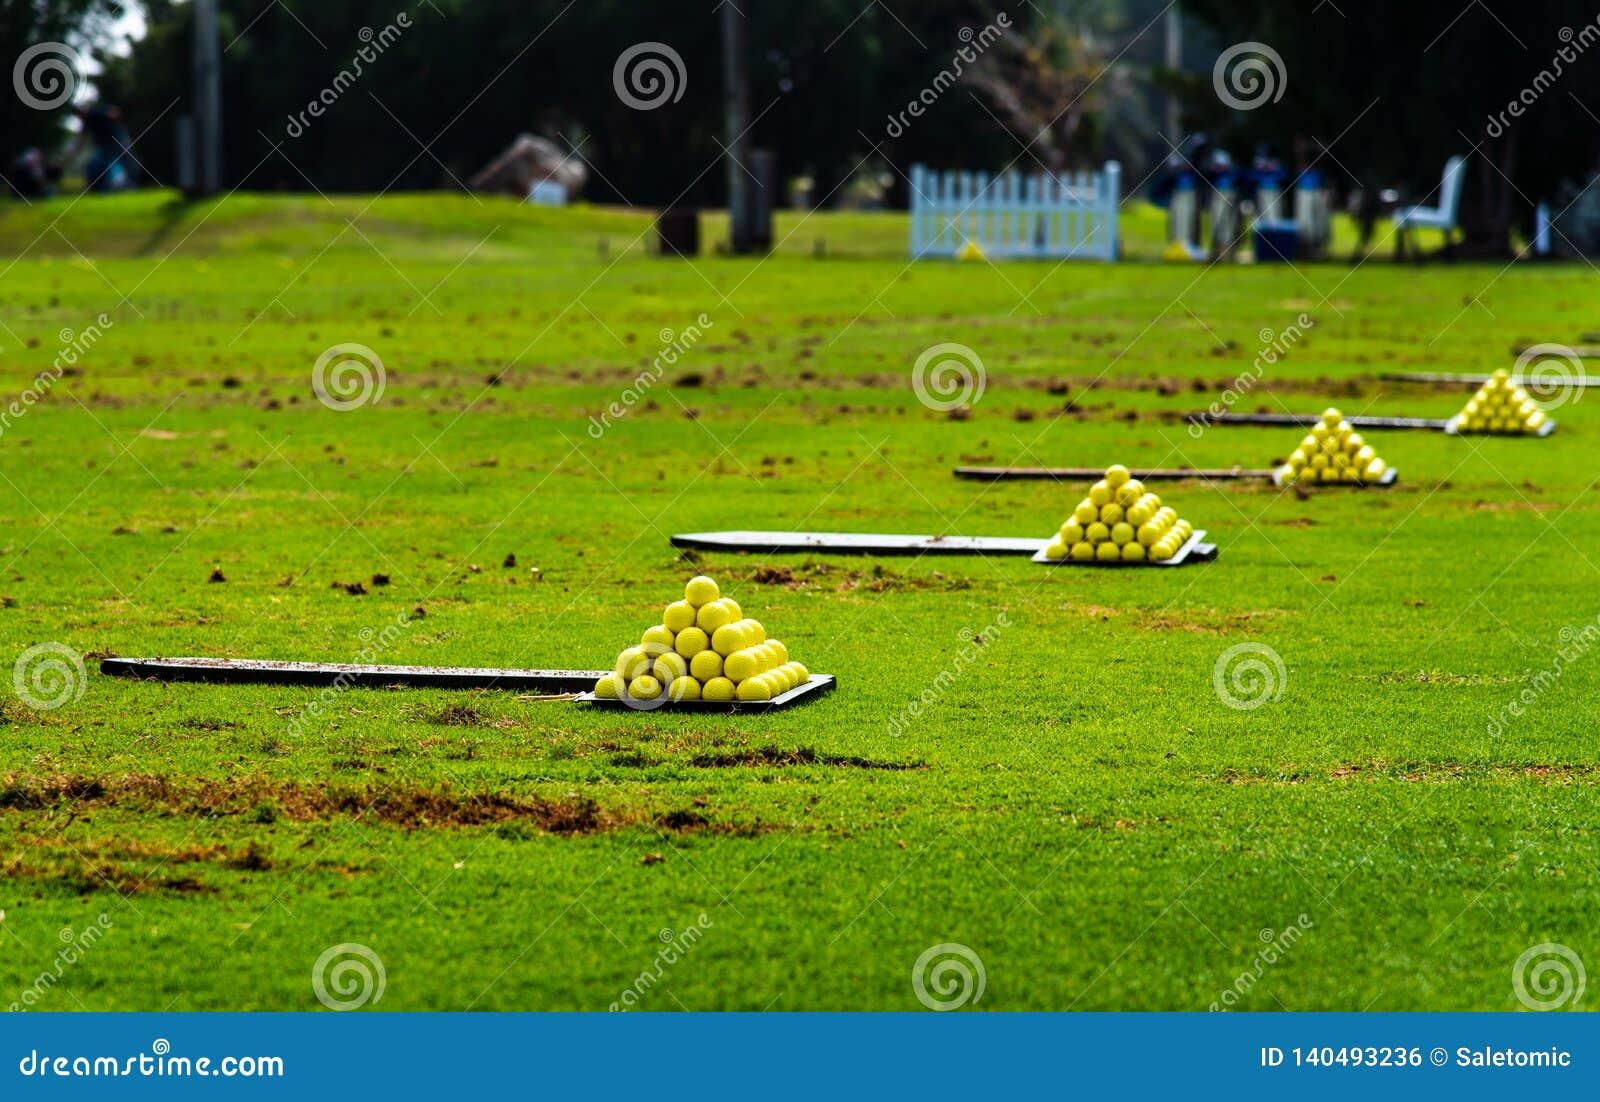 Piłki na polu golfowym rozkazywać dla praktyki